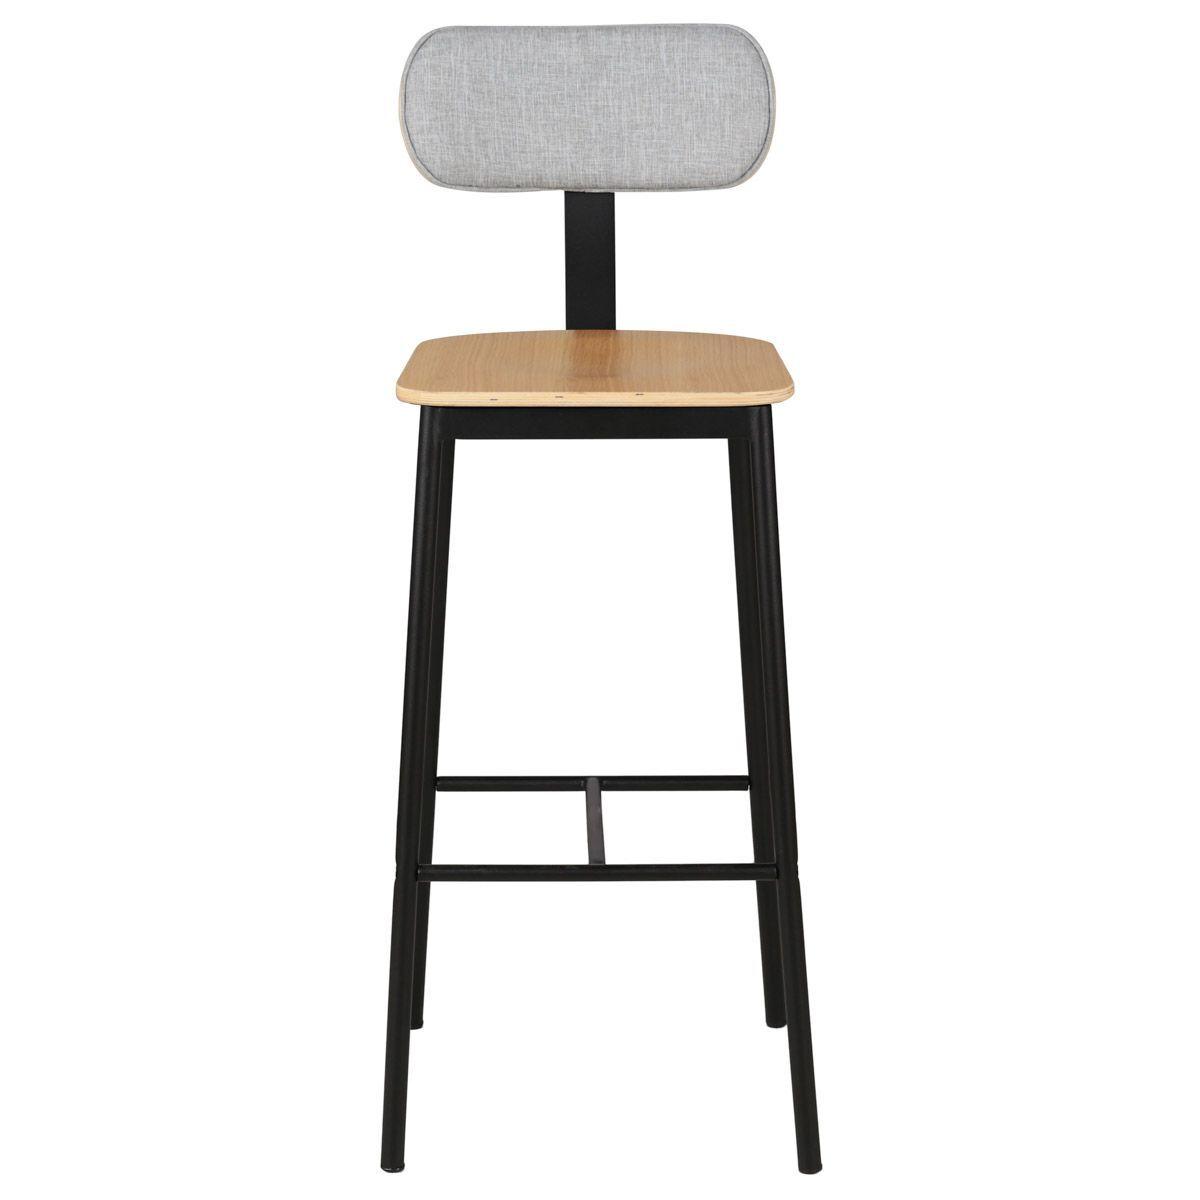 Zago Chaise de bar bois en chne plaqué et tissu  structure métal  aucune,